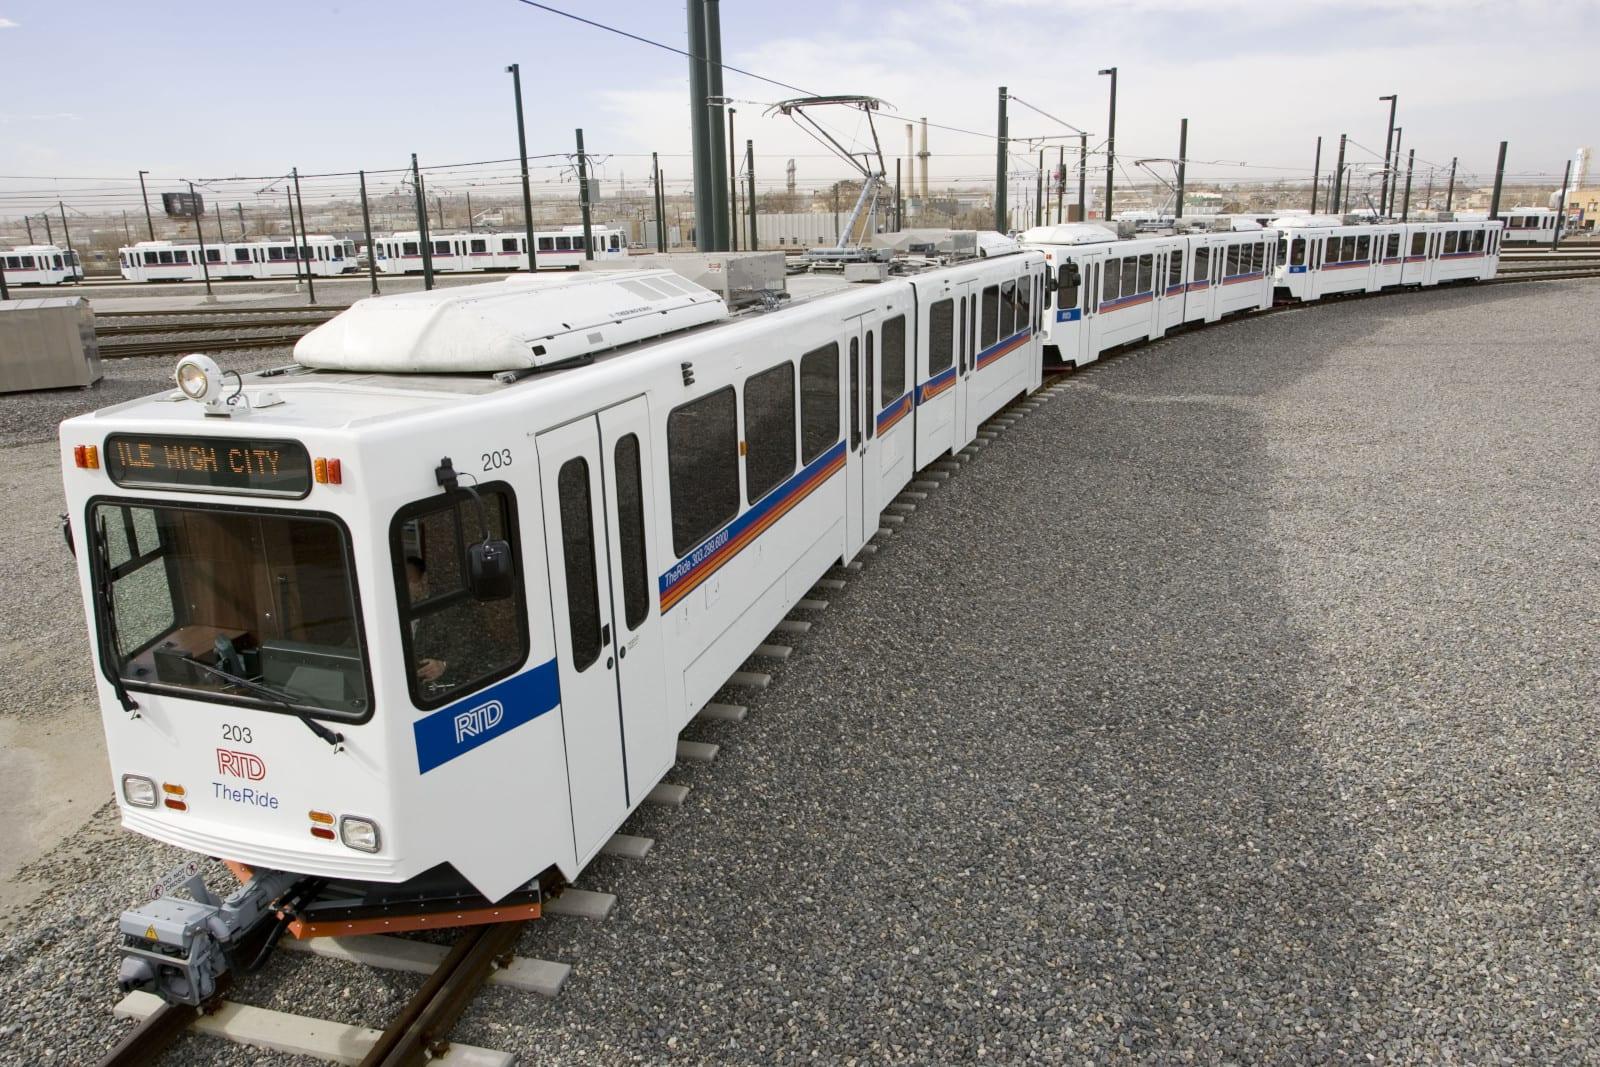 RTD Denver Mile High City Train